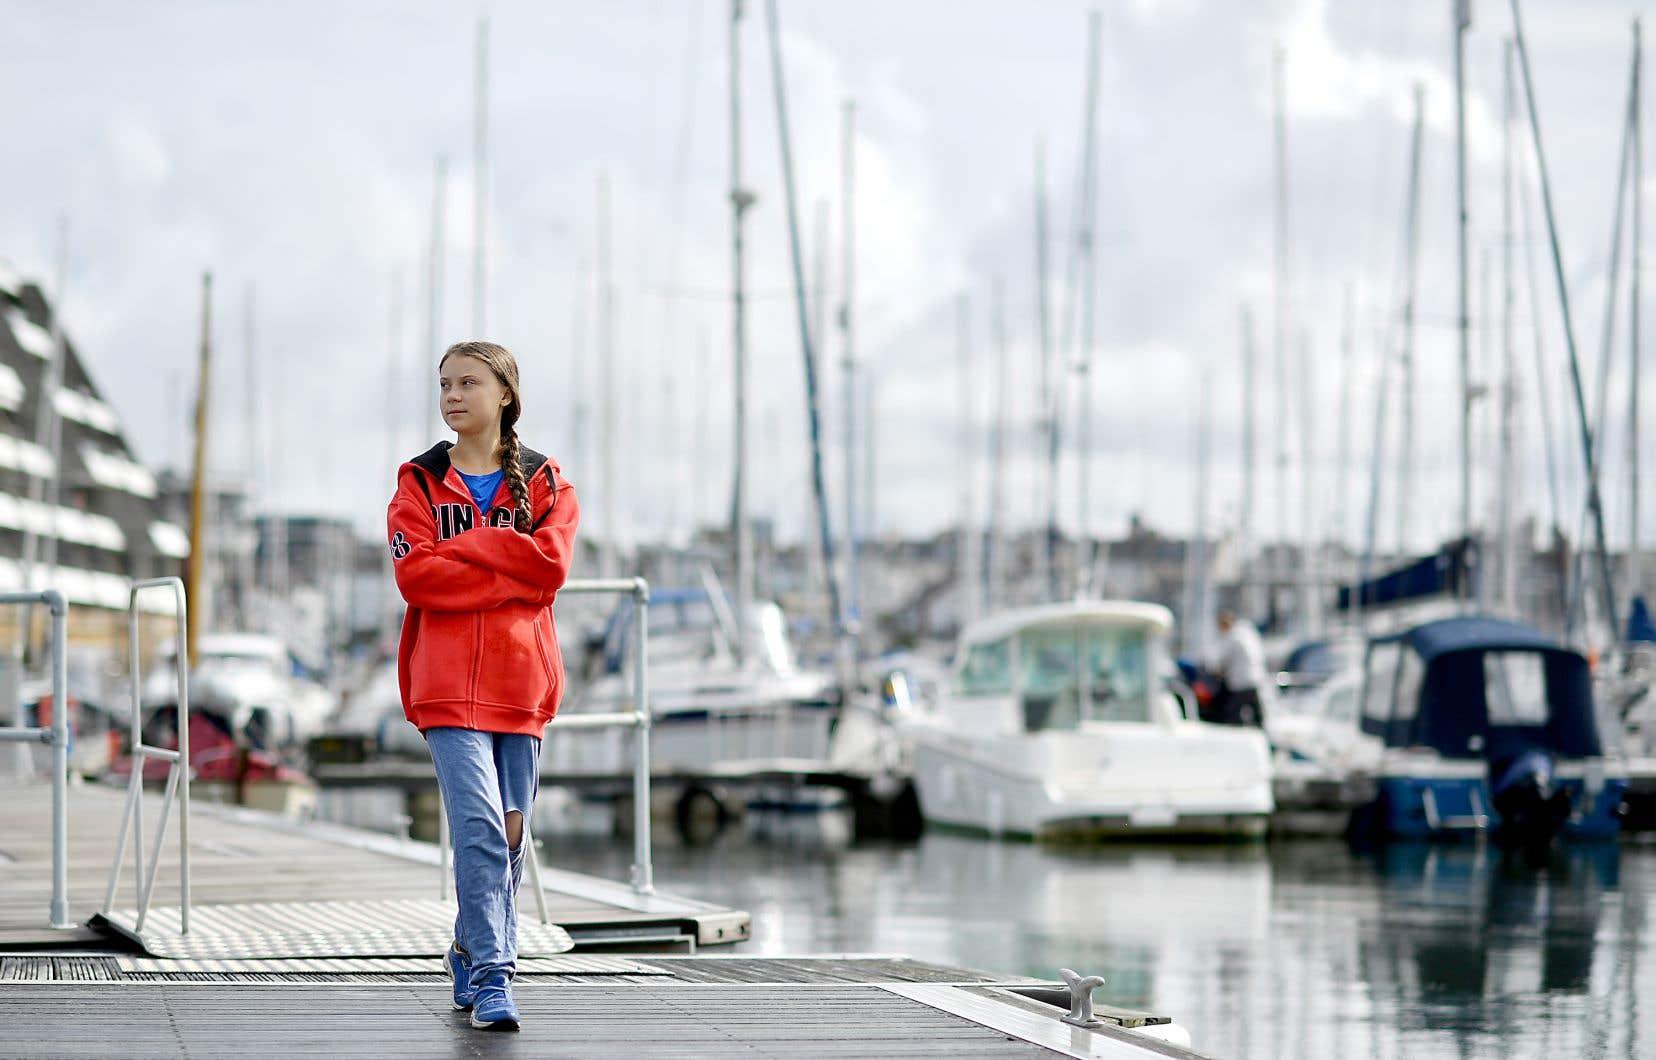 Greta Thunberg dans le port de Plymouth, au Royaume-Uni, d'où elle doit partir ce mercredi pour une traversée de l'Atlantique en voilier.